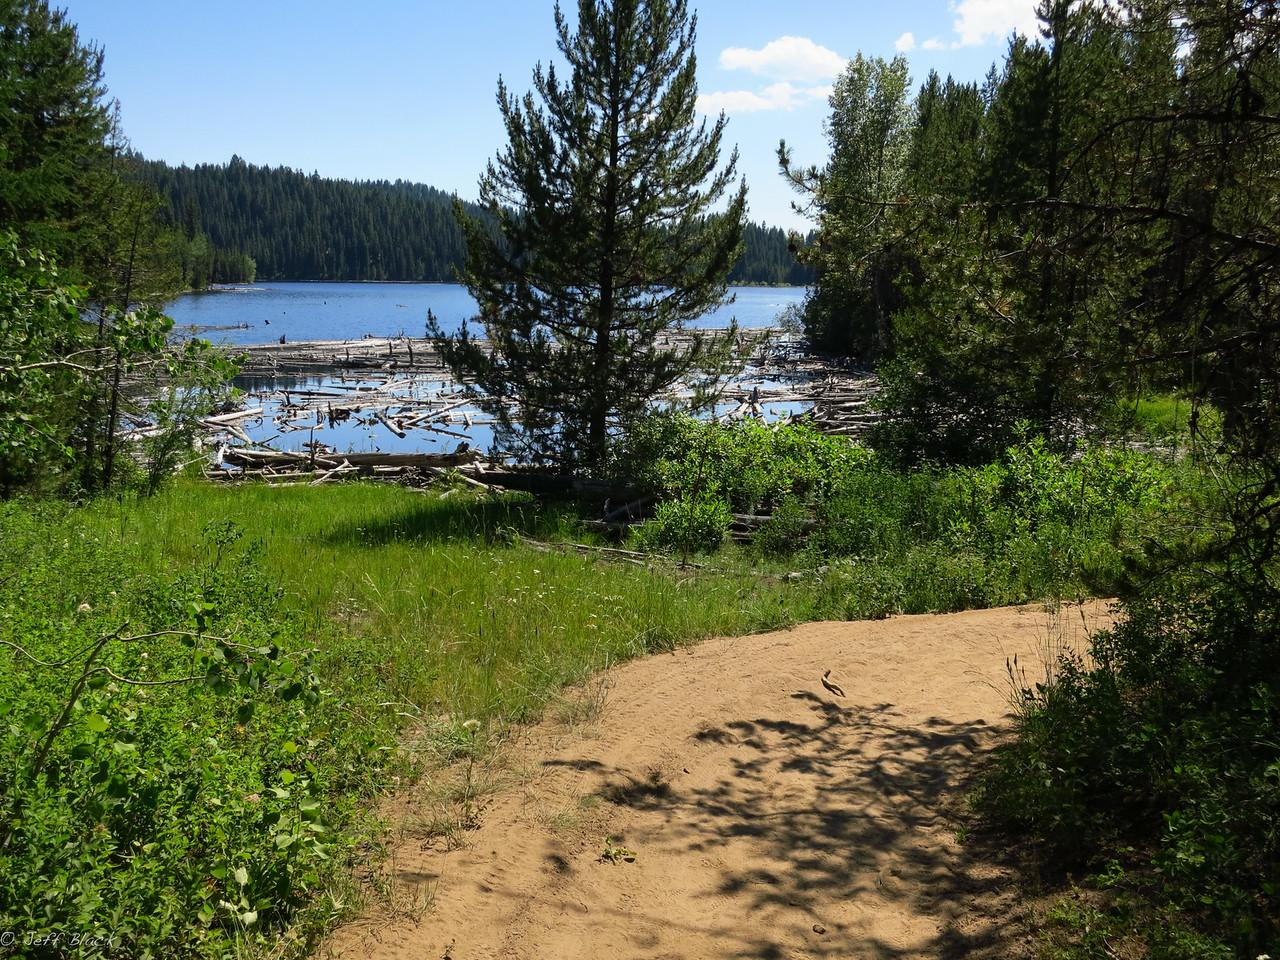 Upper Jug Reservoir brings a sense of progress.